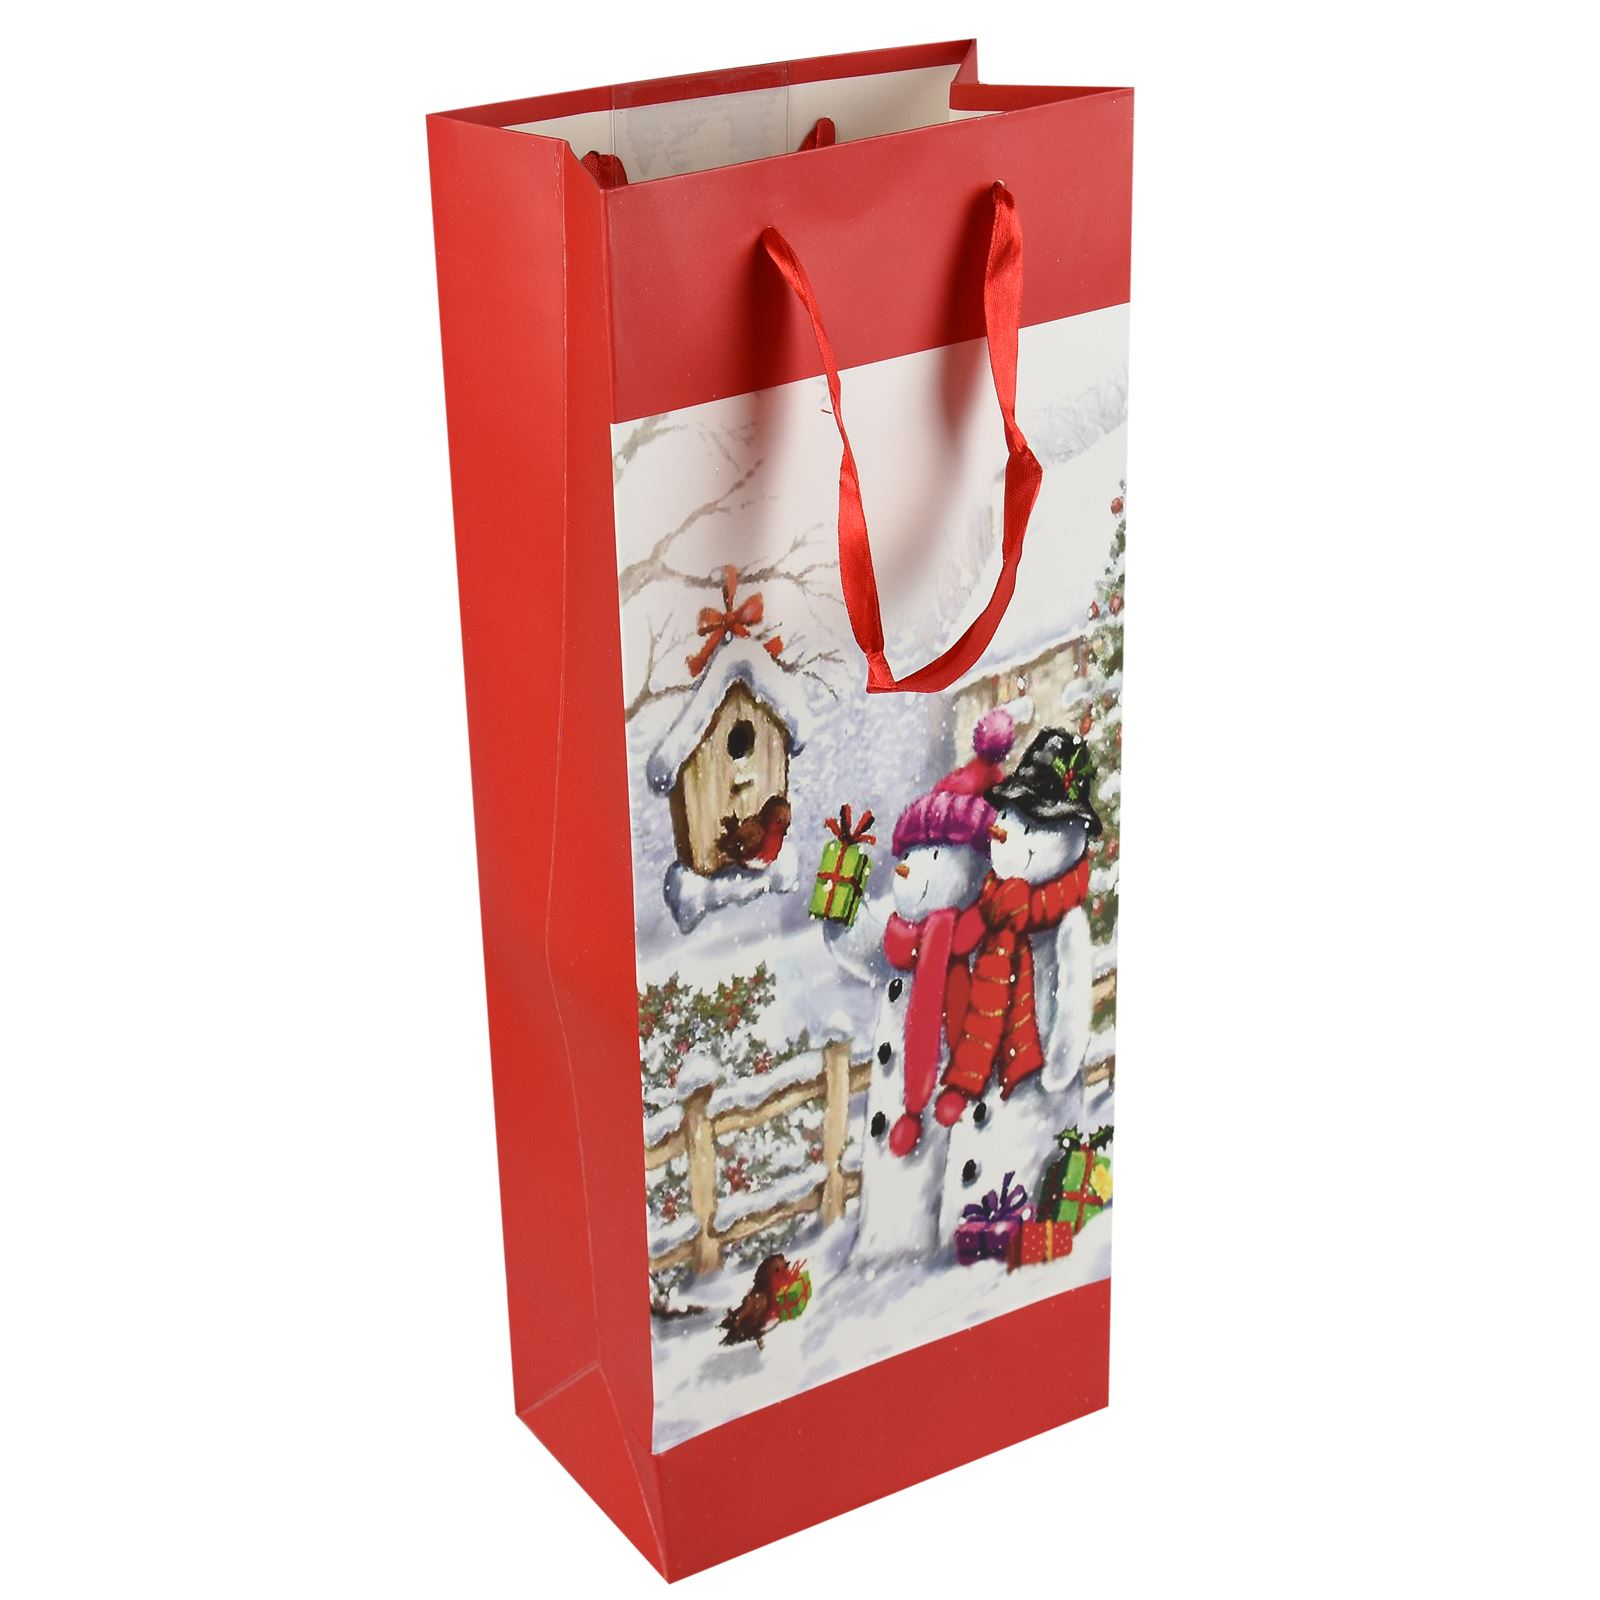 Tradizionale-Regalo-di-Natale-Borse-Regalo-Natale-Inverno-Glitter-Design-Paper-Carrier miniatura 3